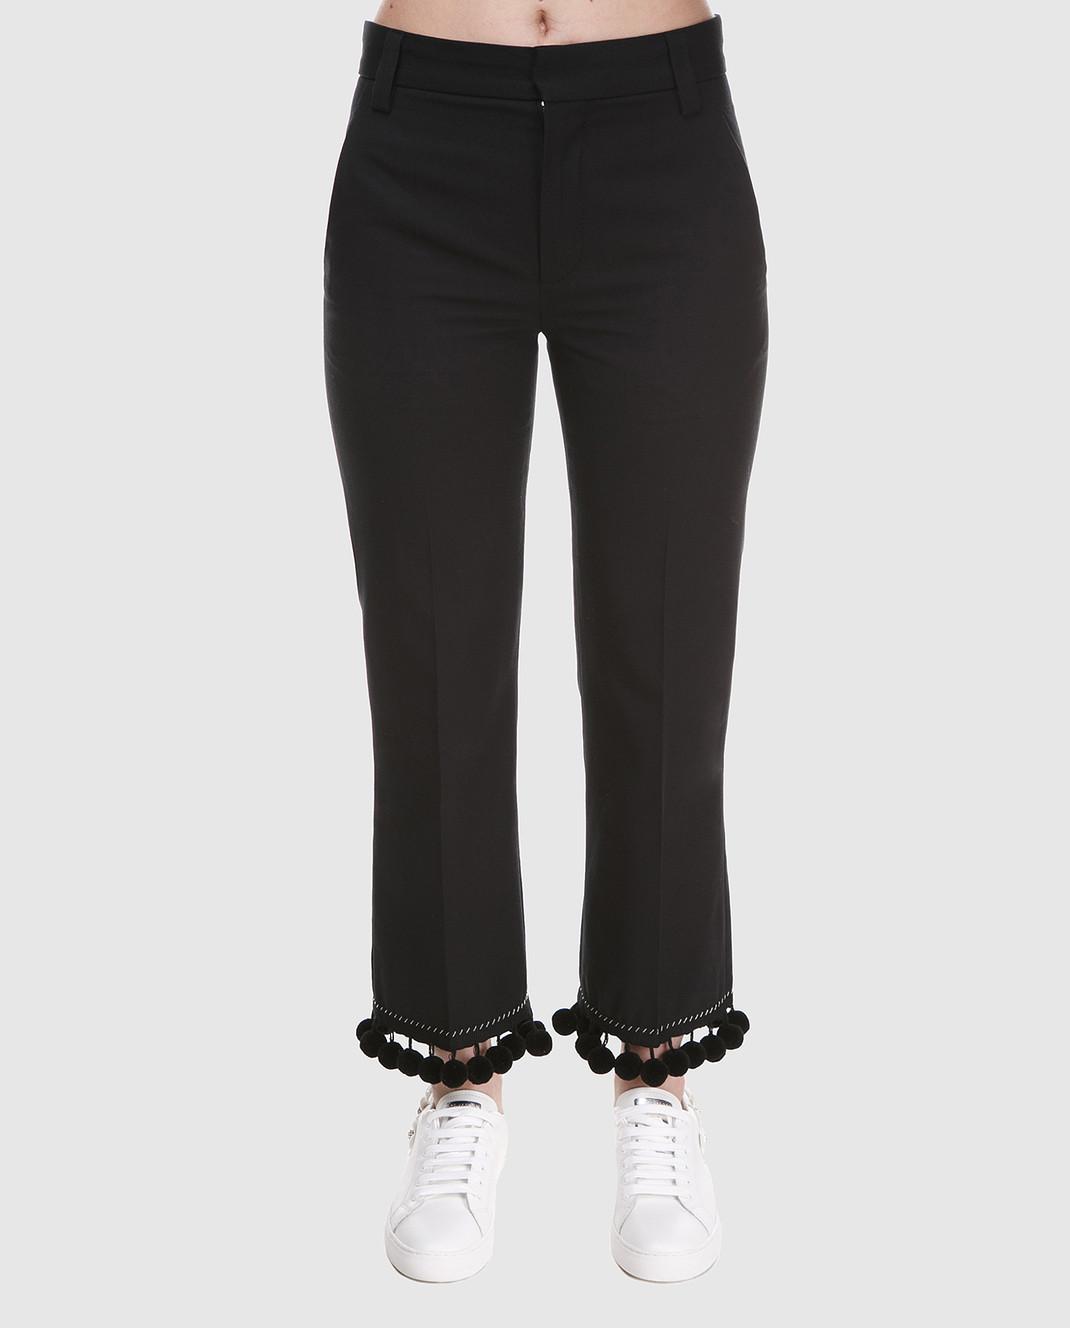 Marc Jacobs Черные брюки M4007136 изображение 3